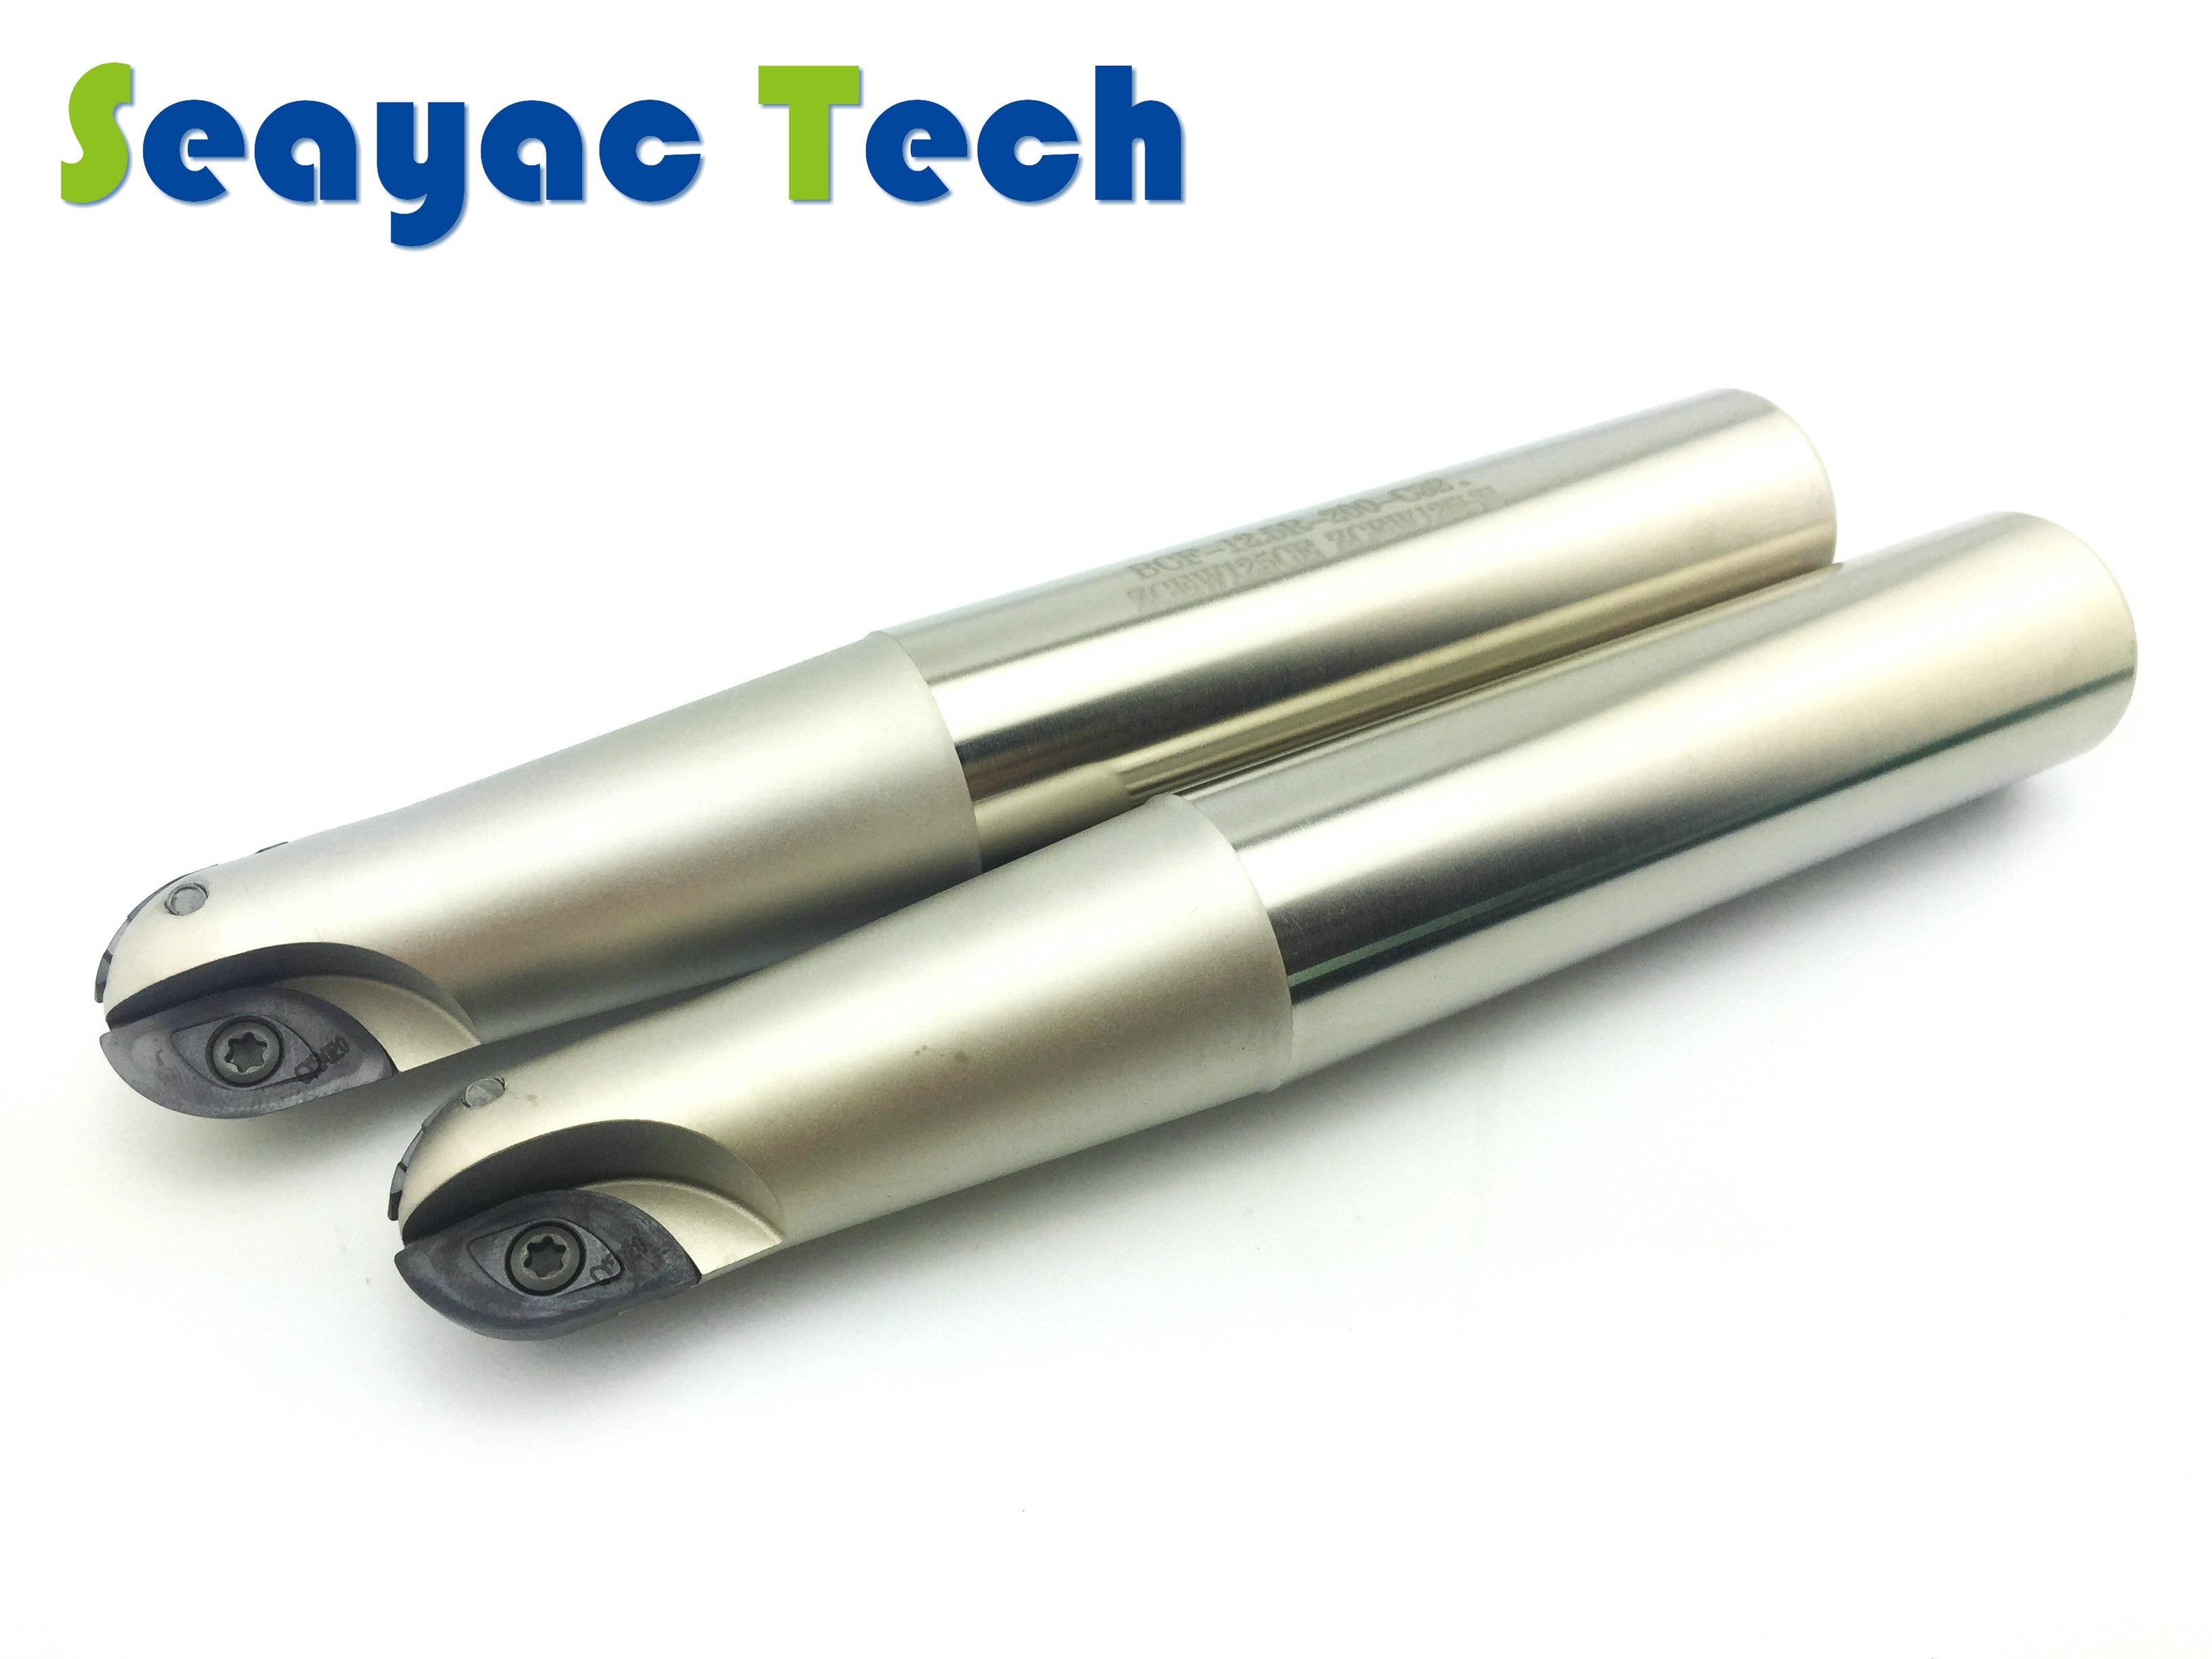 BCF kopya end freze bilyası parmak freze çakısı çubuk freze kesicisi, endekslenebilir freze araçları BCF C32-15R-150-1T tutucu